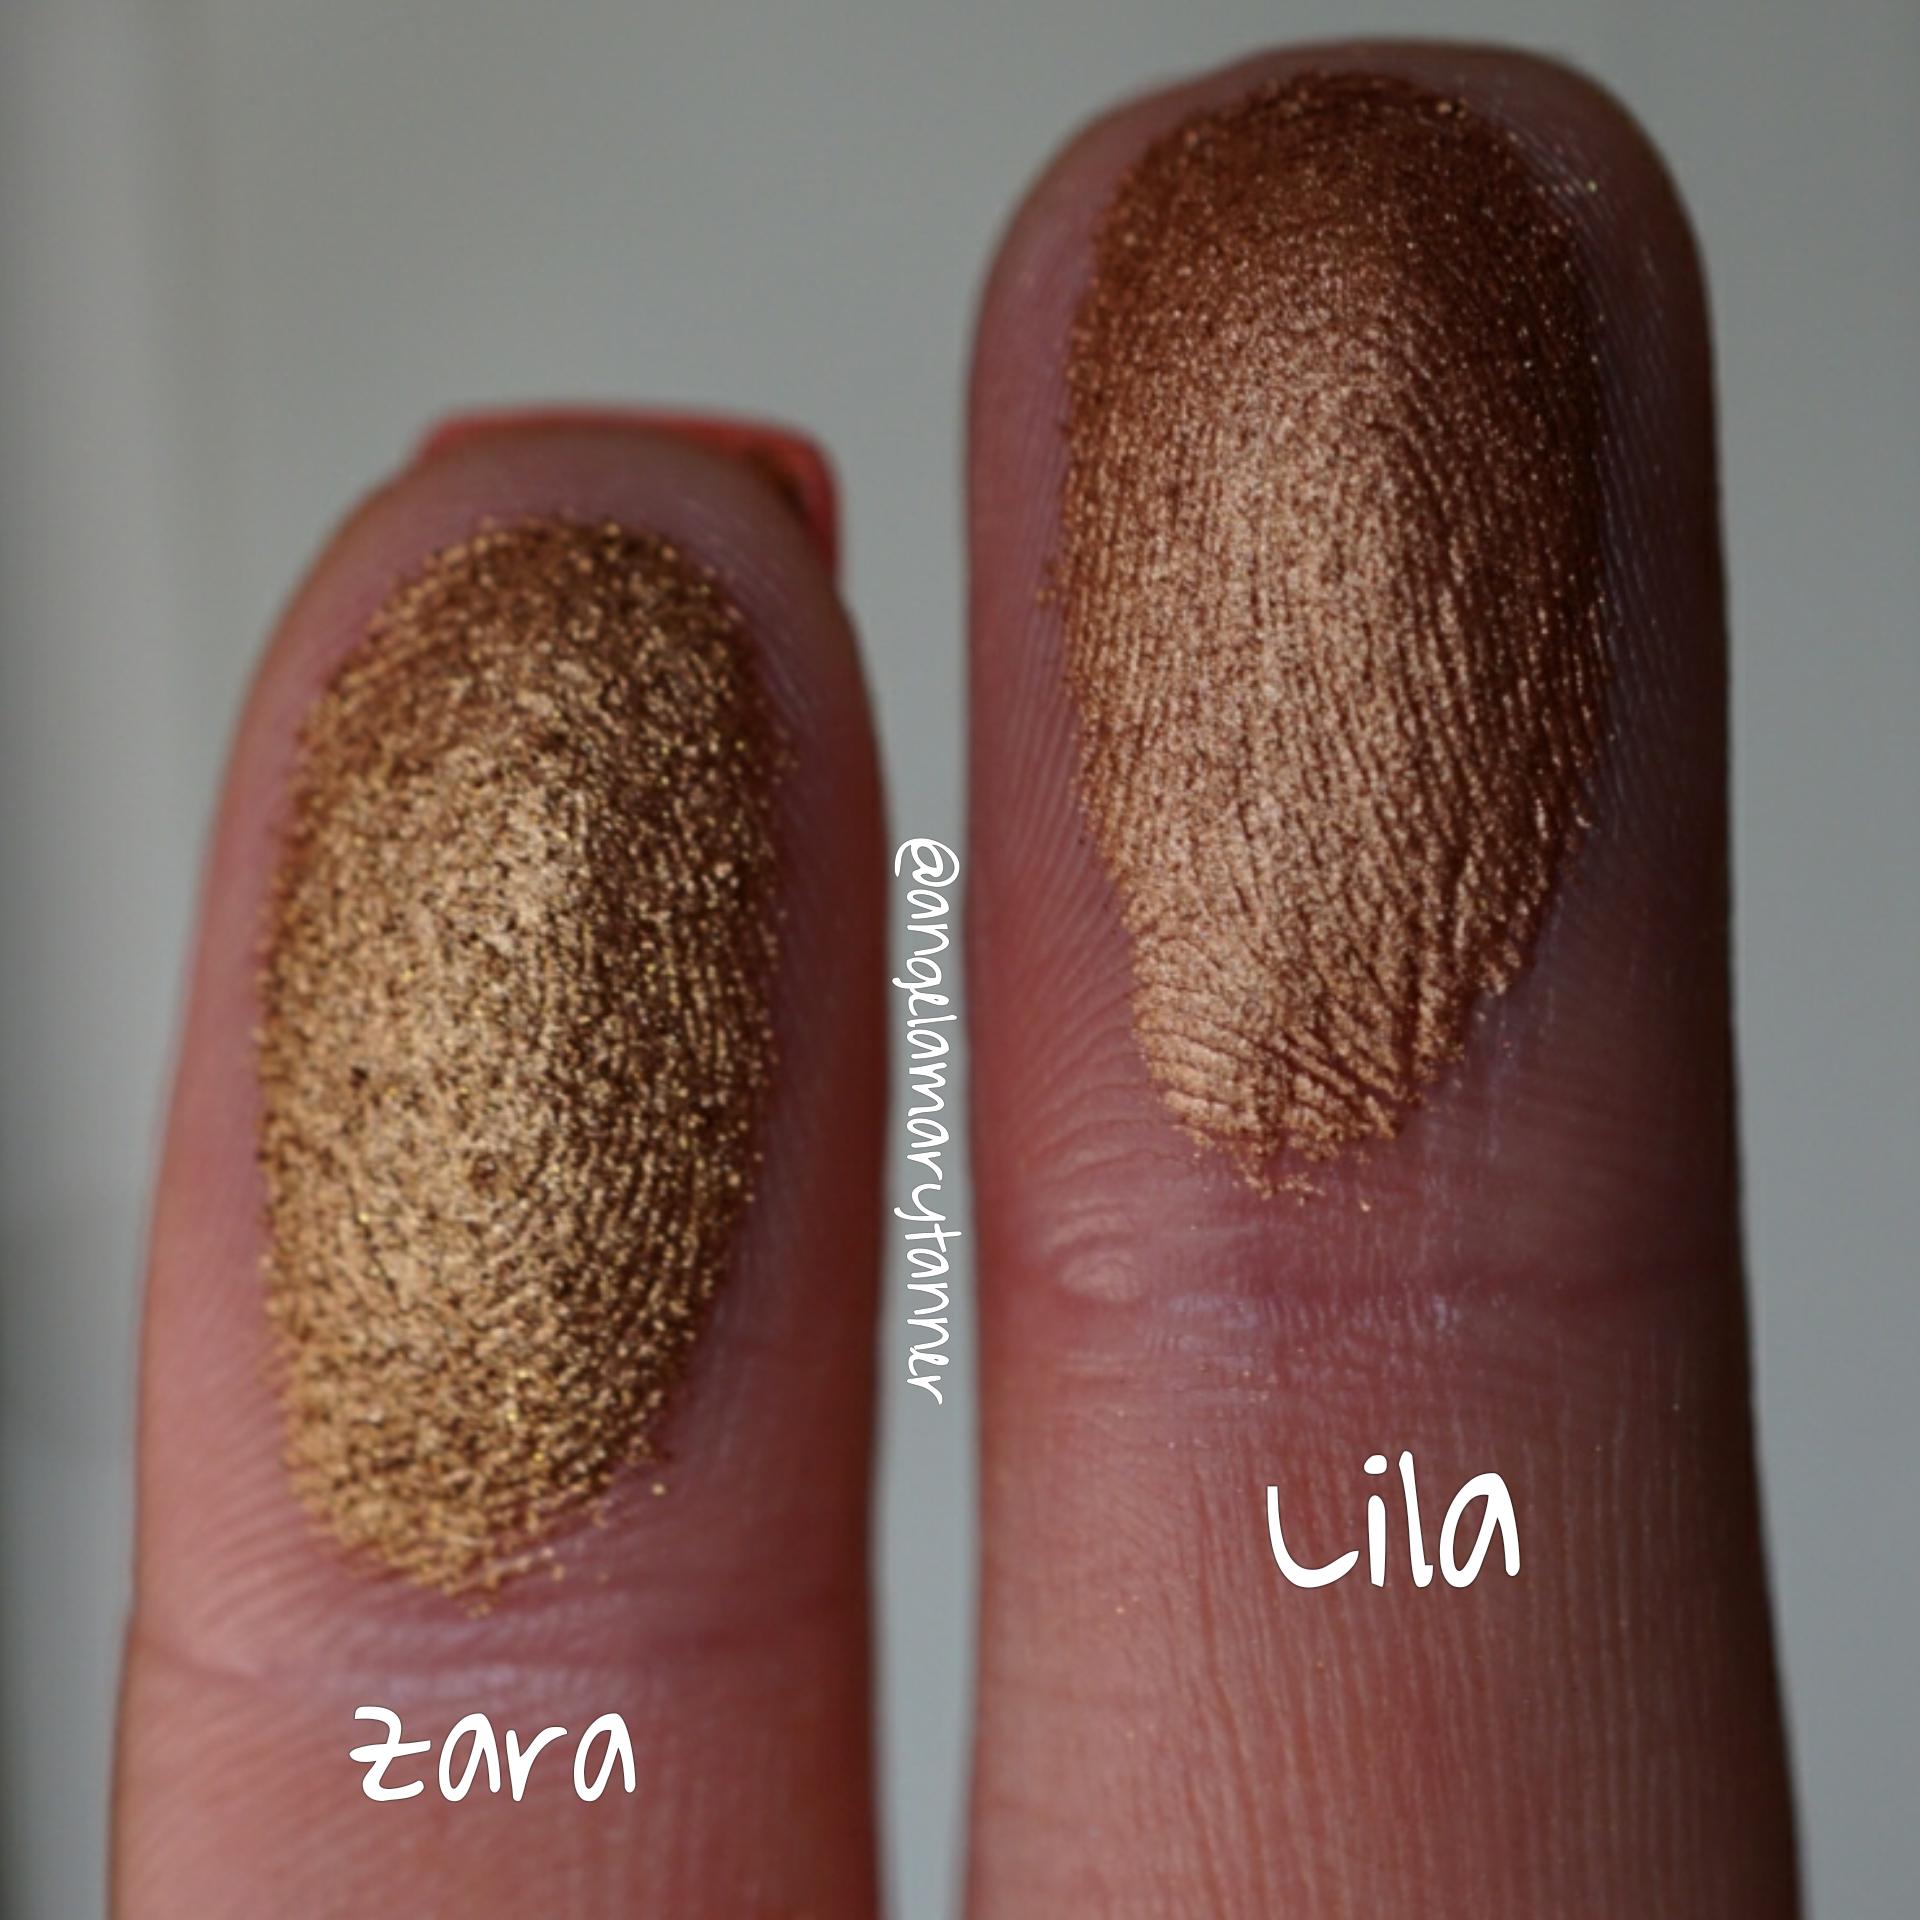 The Saharan Blush Vol. I Blush Palette by Juvia's Place #18